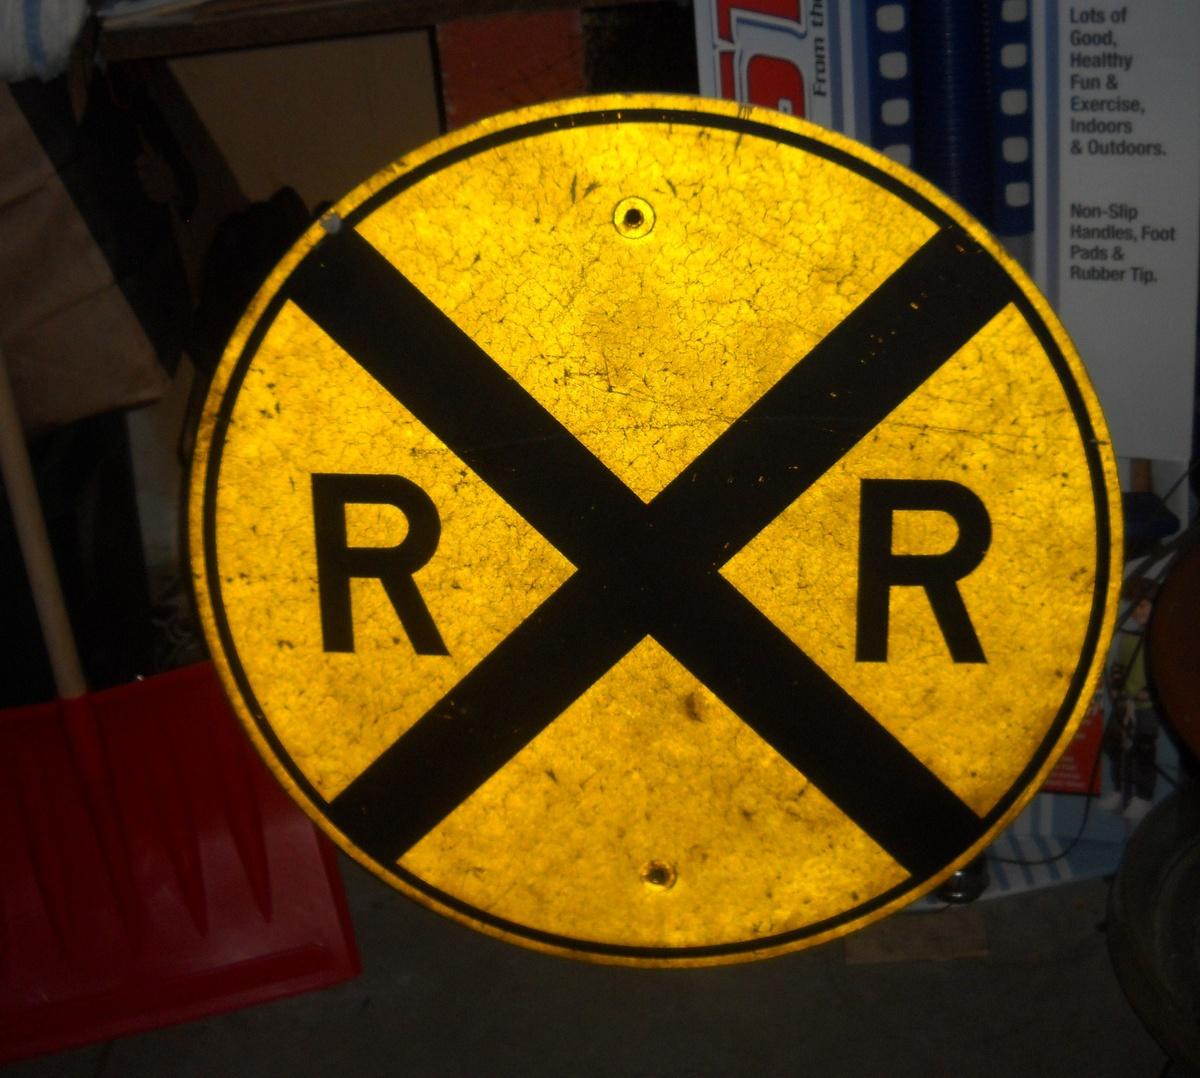 Vintage Railroad Signage